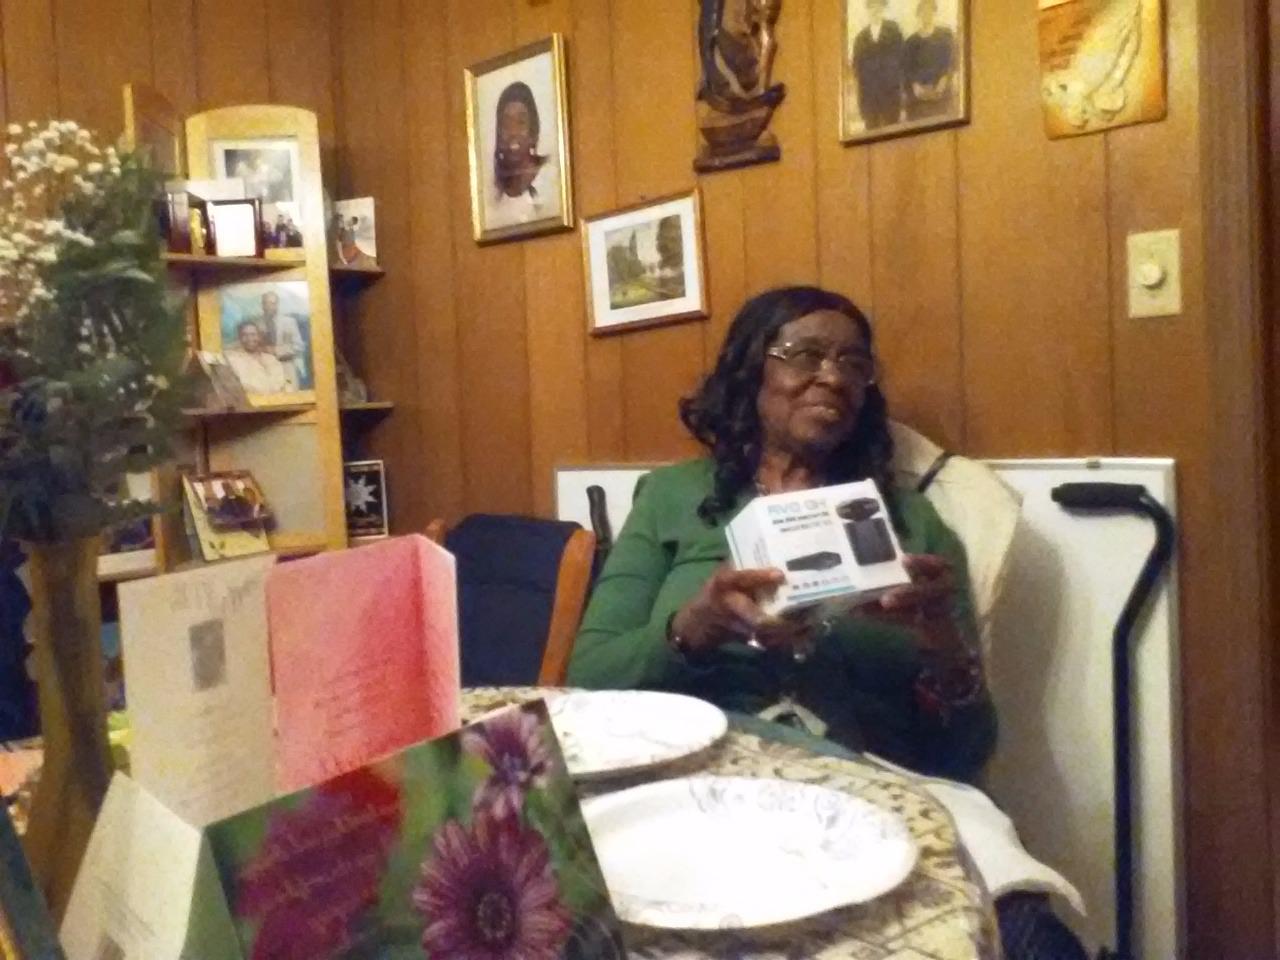 Pastor's Bday 2015-10-21-12:45:20